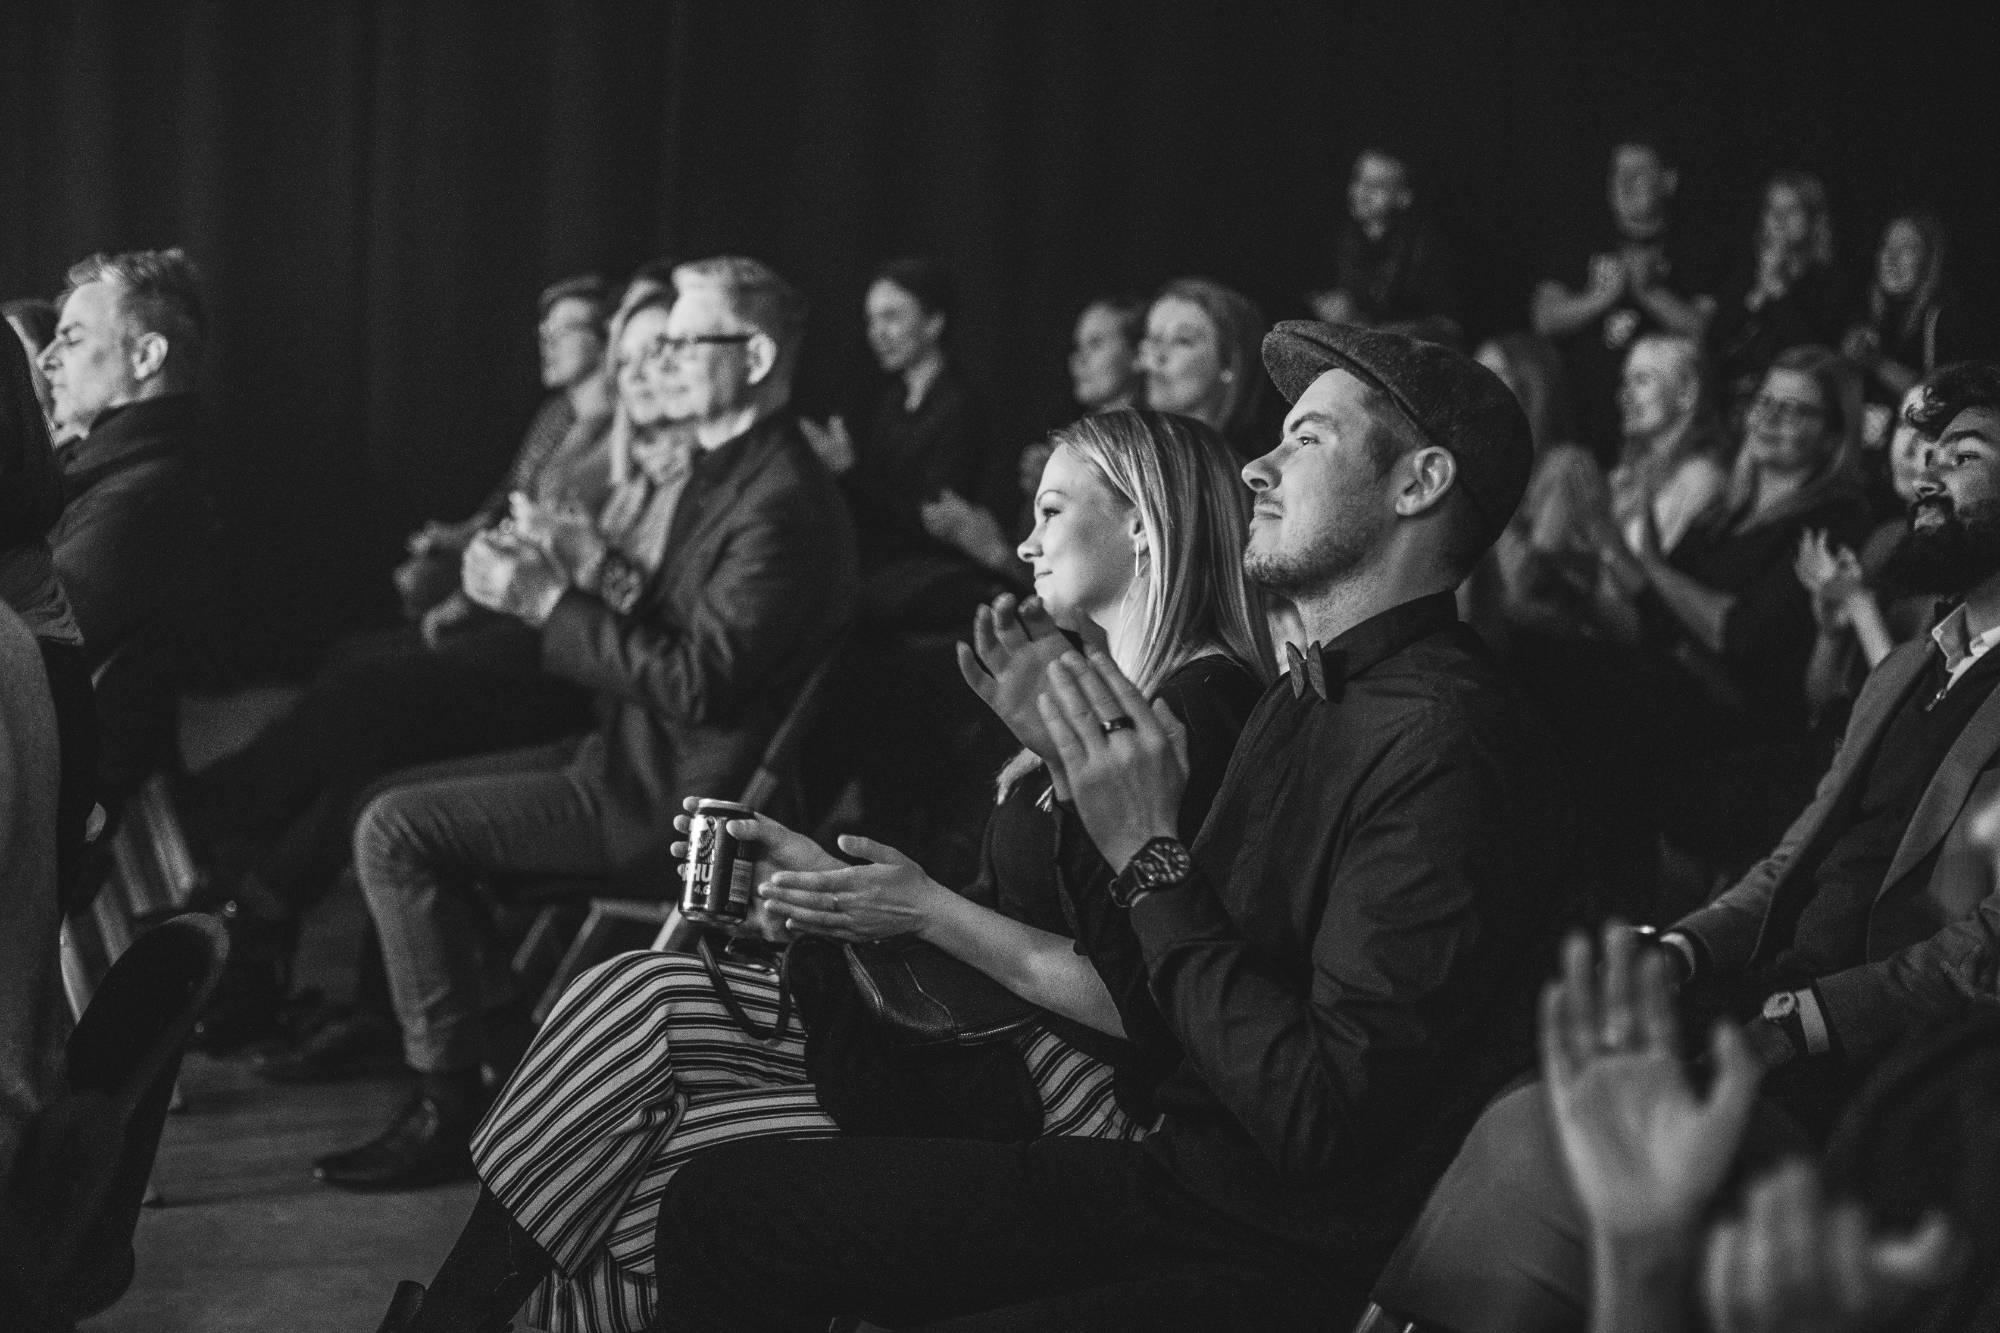 Taputtava yleisö, mustavalkoinen valokuva.